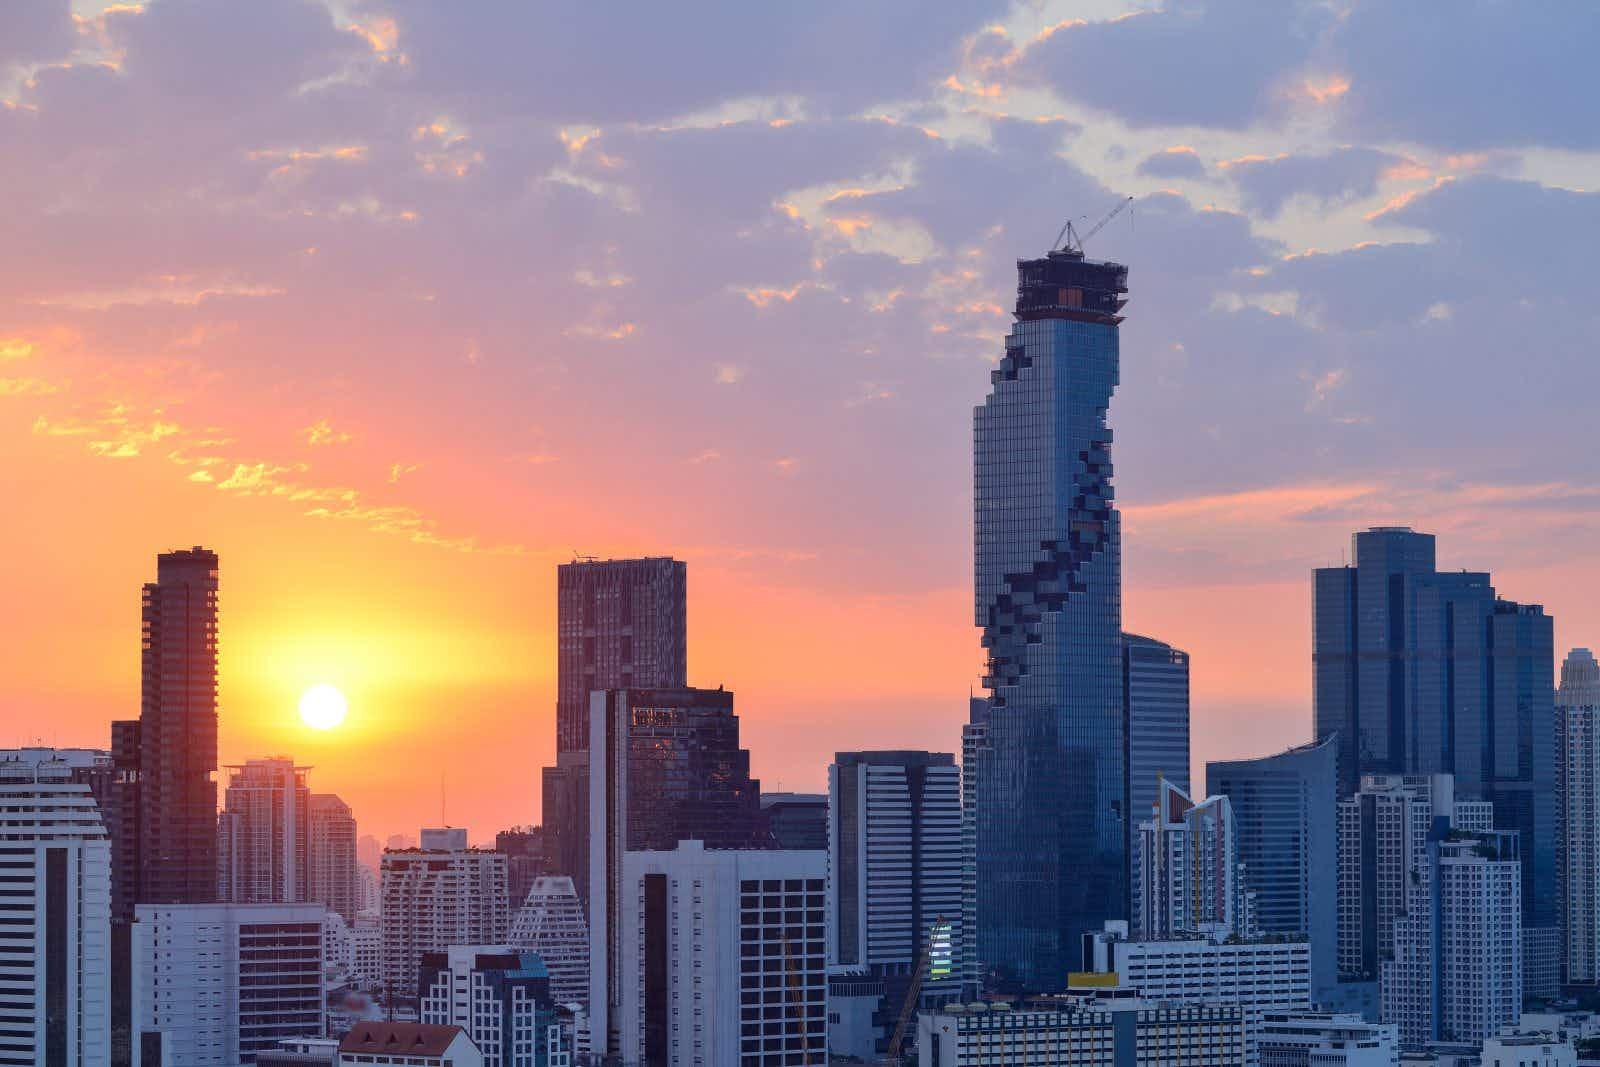 Bangkok, Thailand cityscape at sunrise